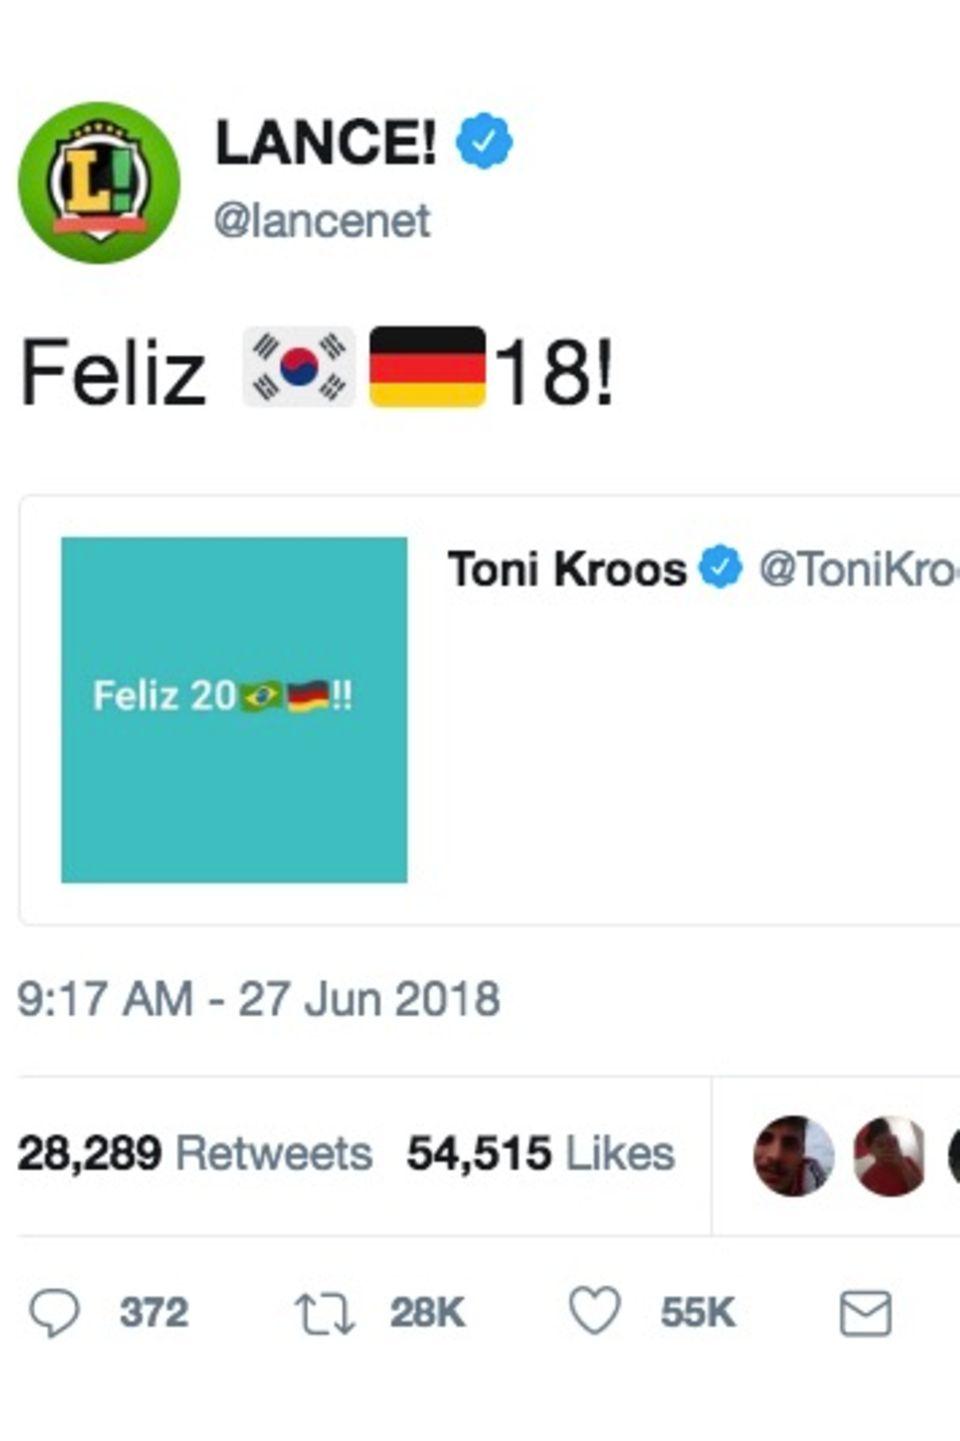 Die Brasilianer reagieren auf einen Tweet von Toni Kroos au dem Jahr 2017